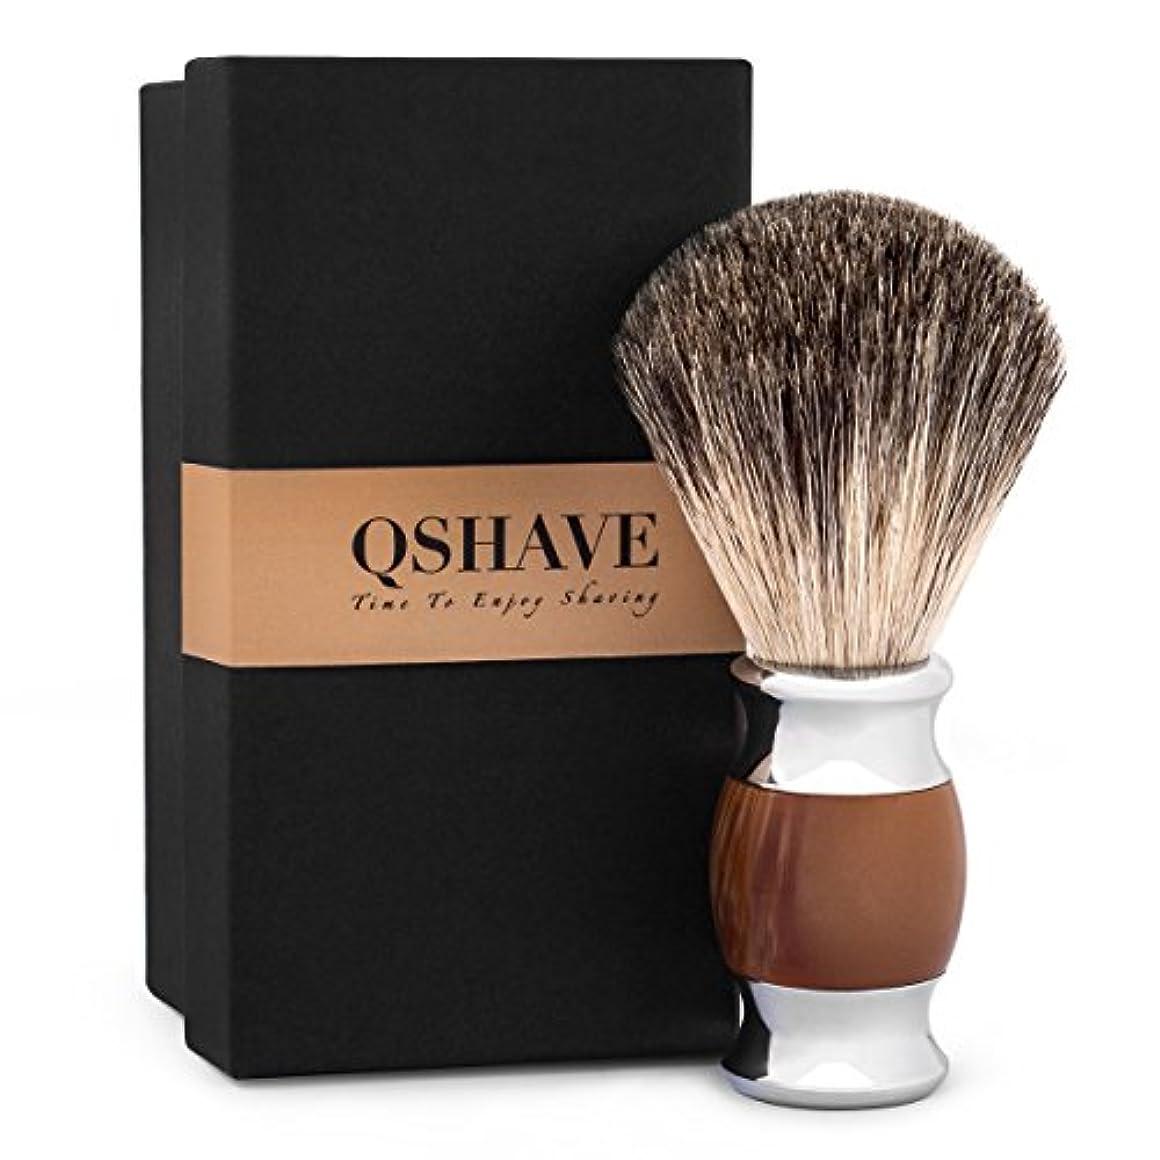 脚本ミュート兵士QSHAVE 100%最高級アナグマ毛オリジナルハンドメイドシェービングブラシ。人工メノウ ハンドル。ウェットシェービング、安全カミソリ、両刃カミソリに最適